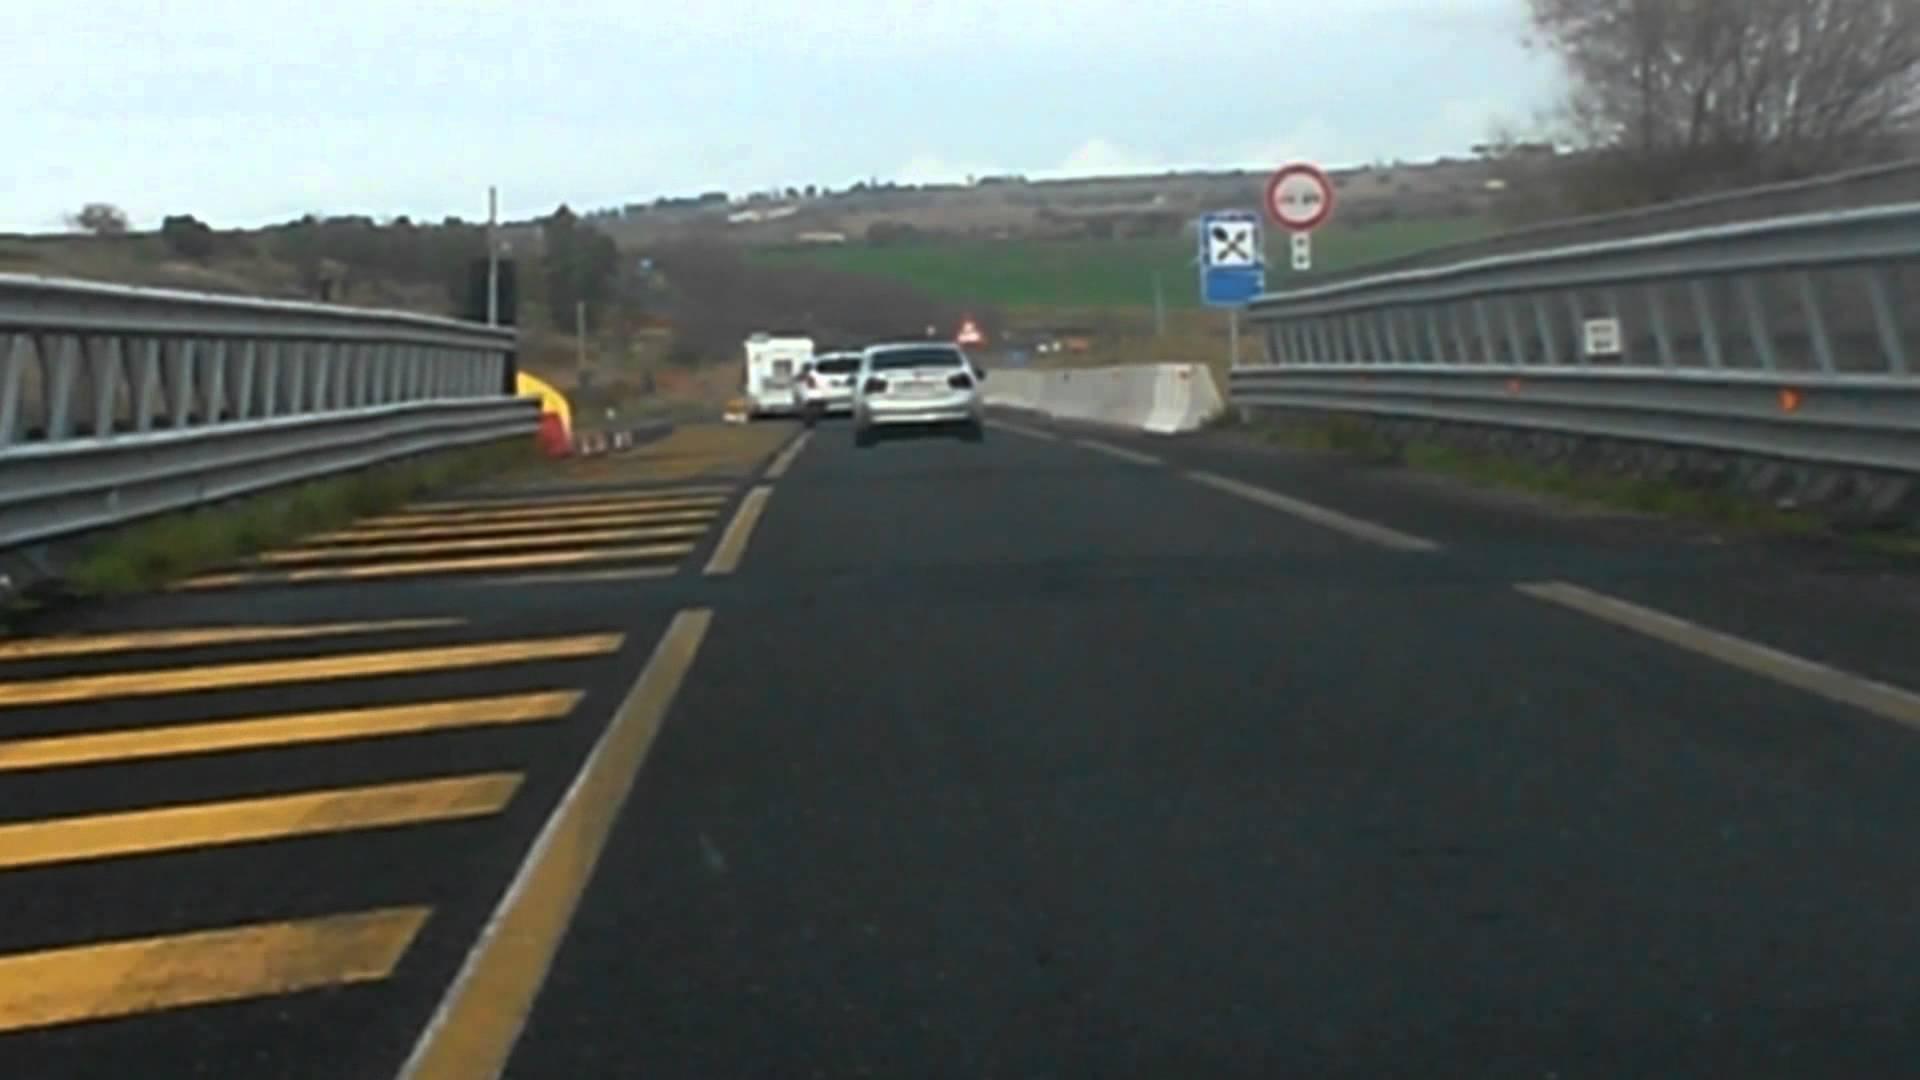 """al via i lavori di sostituzione delle barriere di sicurezza dello spartitraffico sull'autostrada A19 """"Palermo-Catania"""" tra Villabate e Bagheria"""